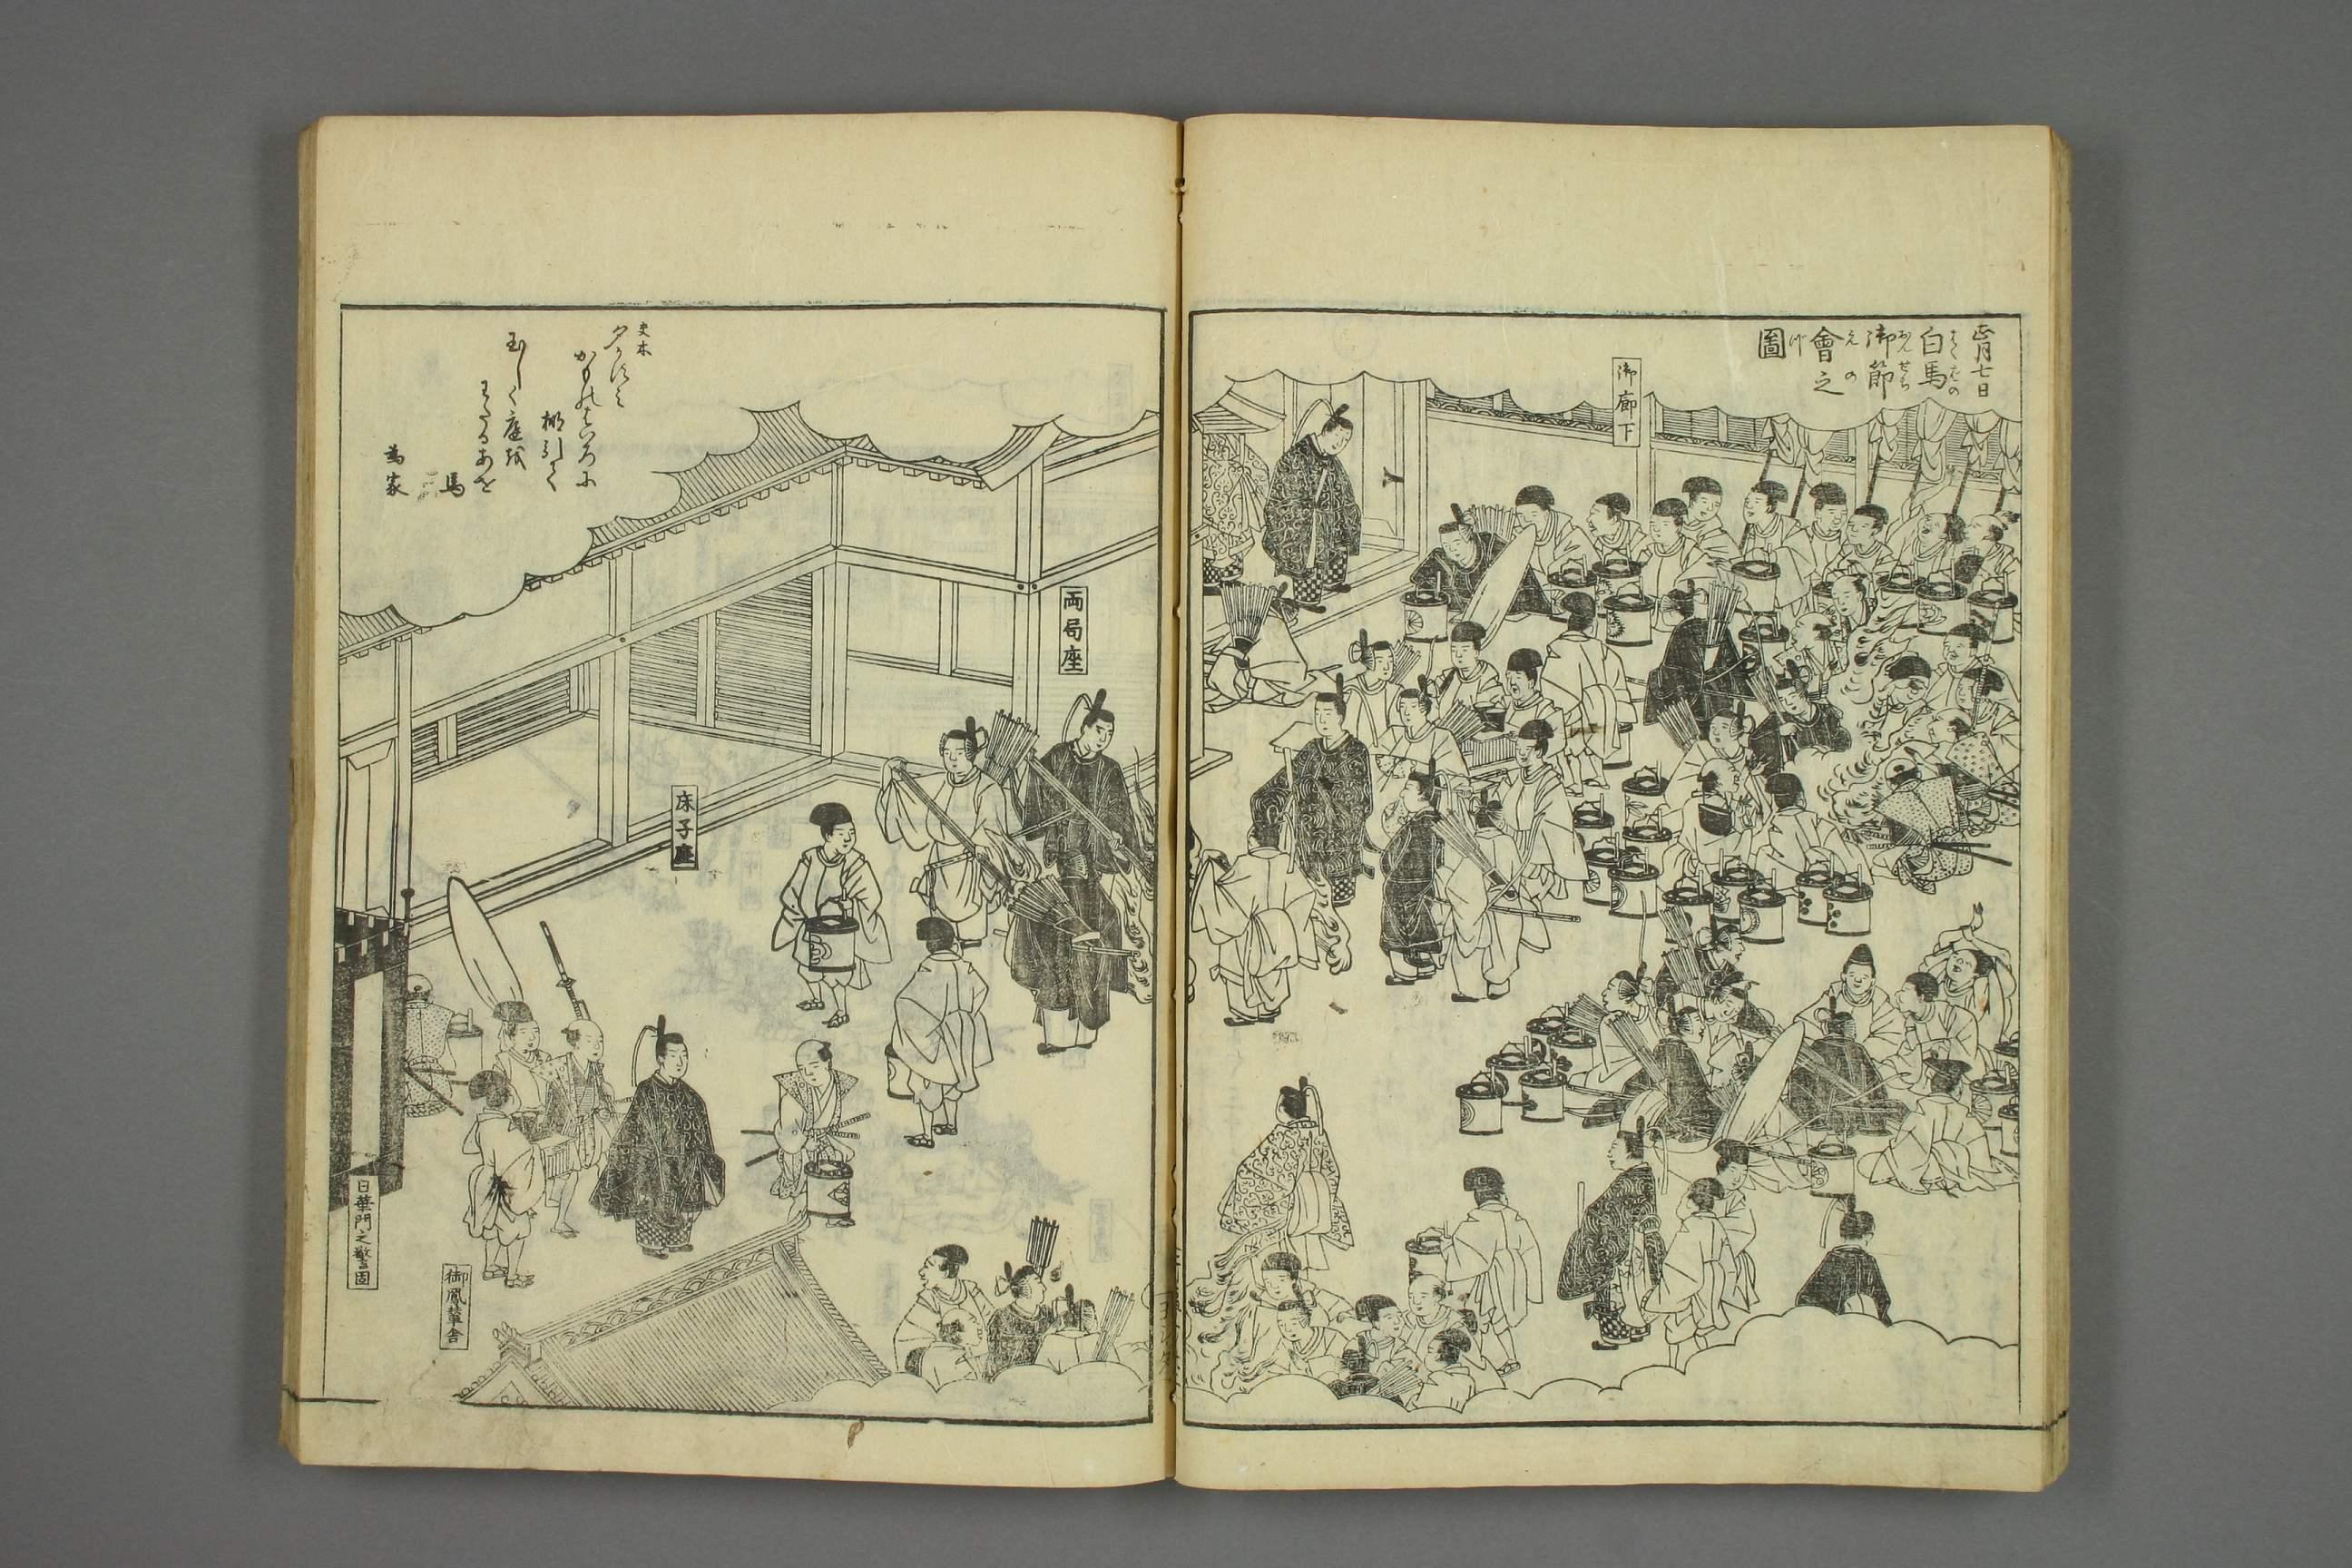 http://archive.wul.waseda.ac.jp/kosho/wo06/wo06_03382/wo06_03382_0001/wo06_03382_0001_p0026.jpg